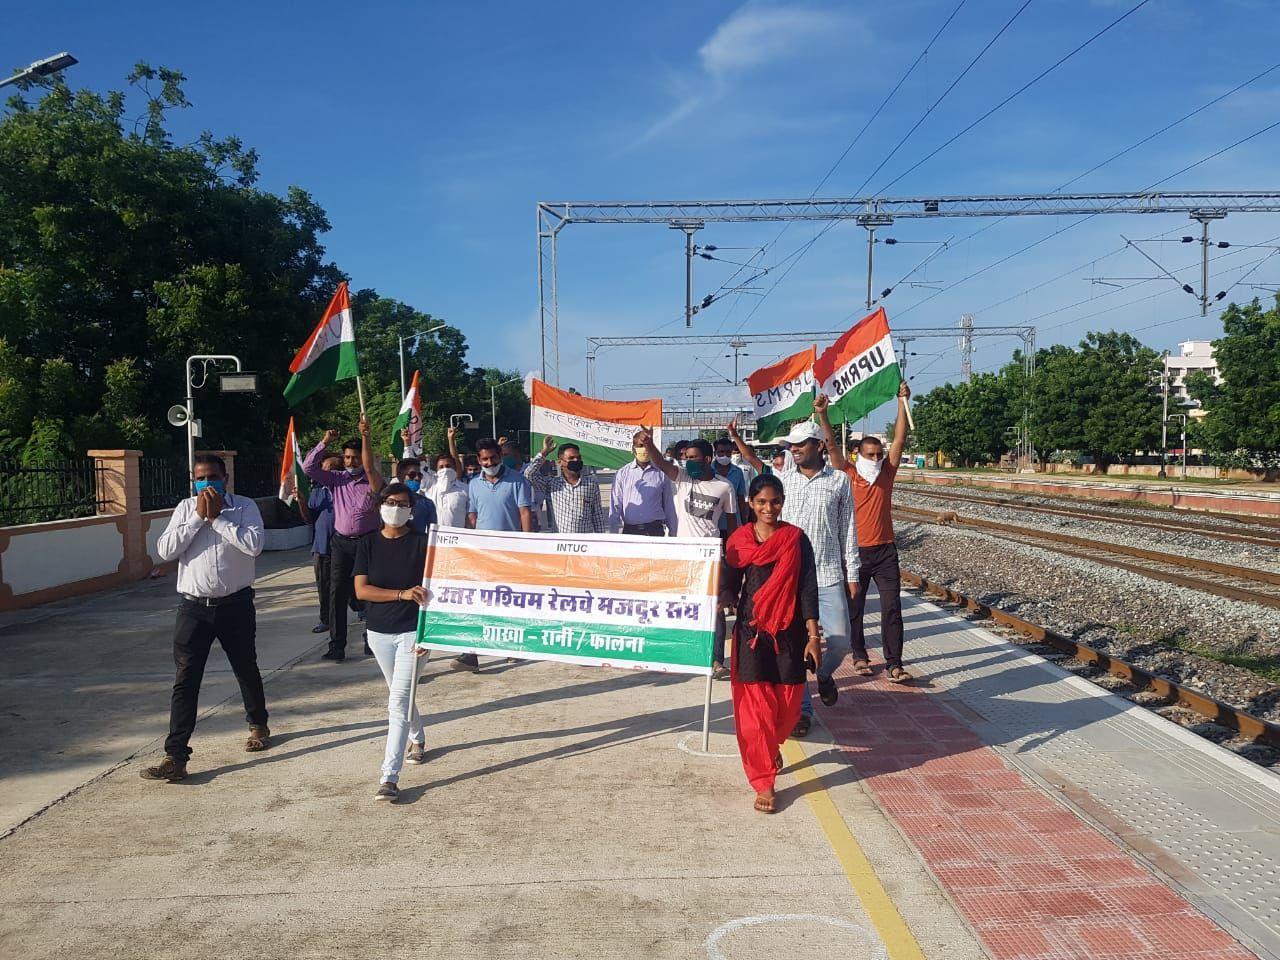 पाली में रेलवे निजीकरण के खिलाफ प्रदर्शन।